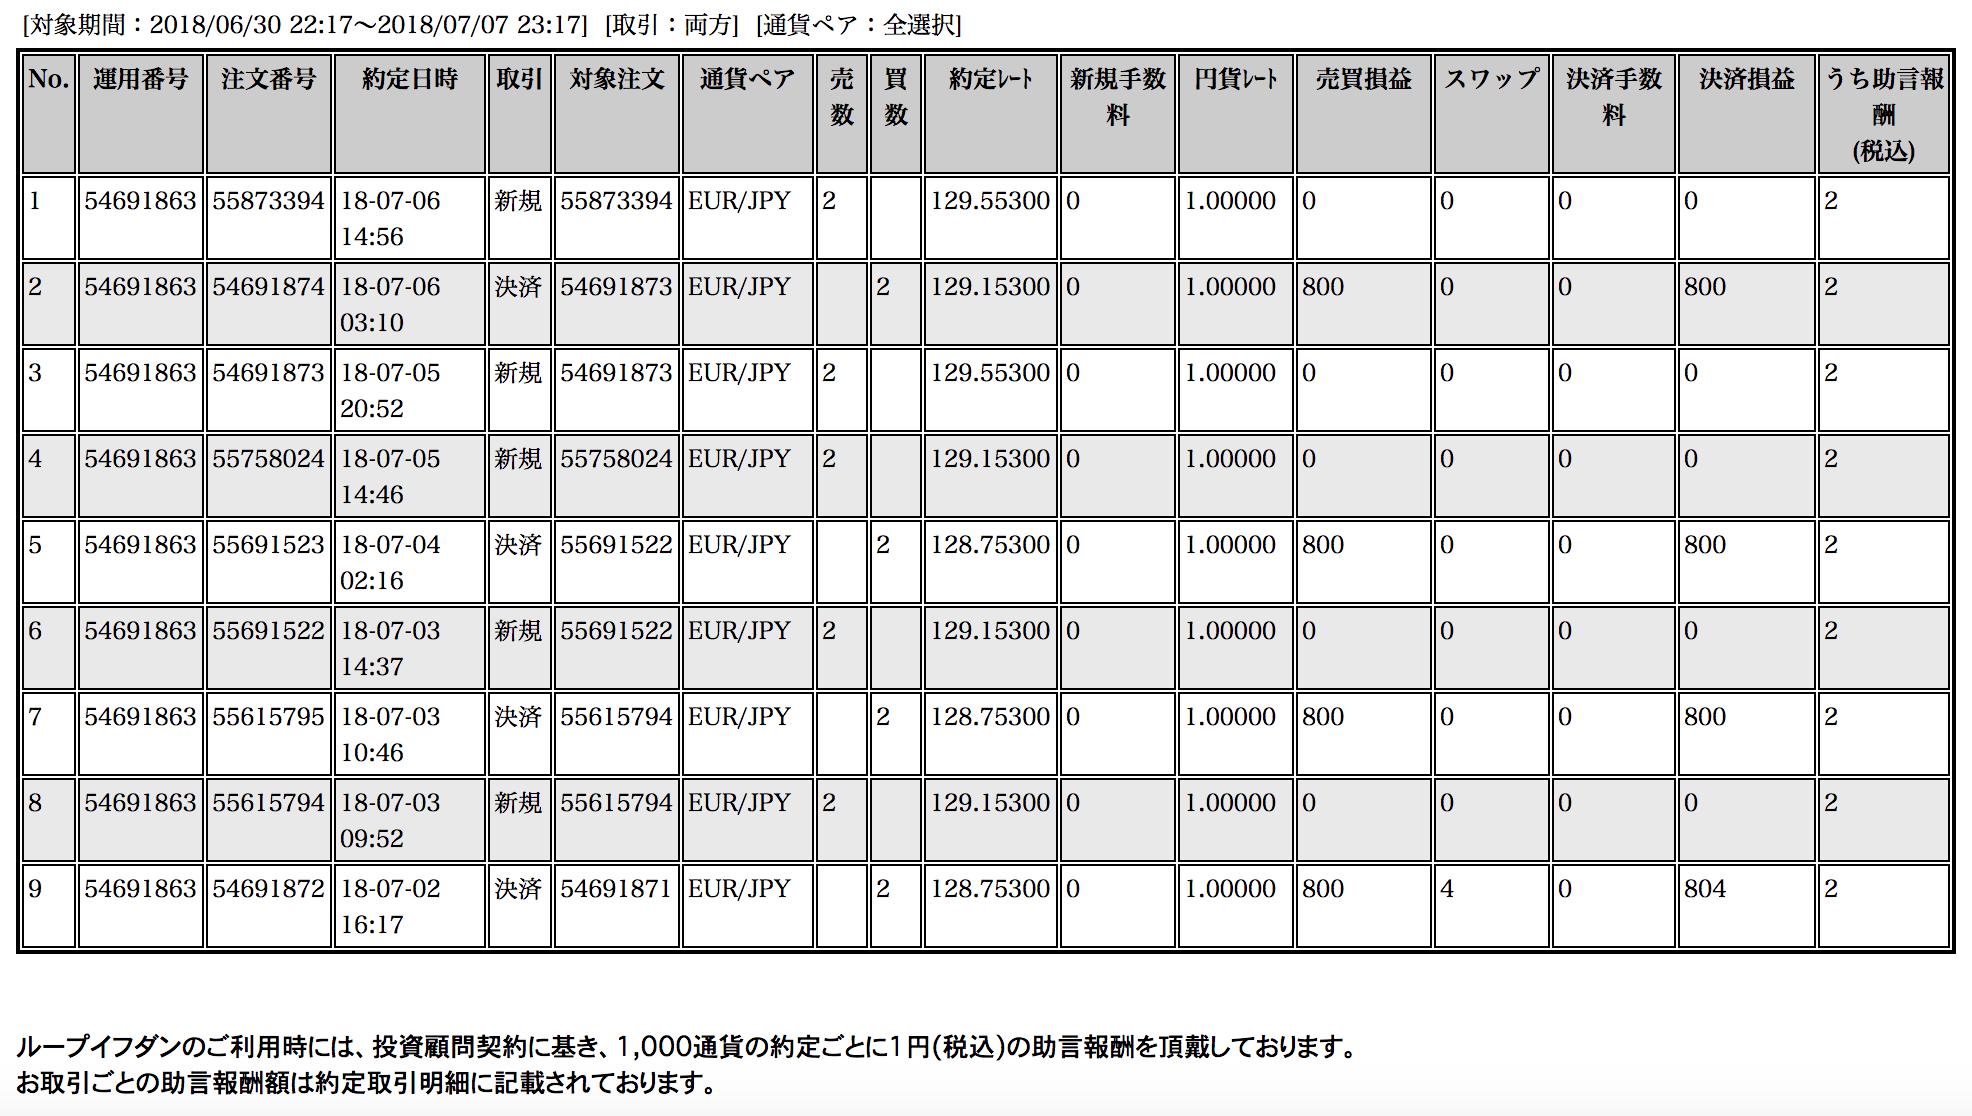 【ループイフダン】7月2〜6日の収支は+3,204円!こっちのシストレもよろしく(`・ω・´)ノ【限定キャンペーン実施中】